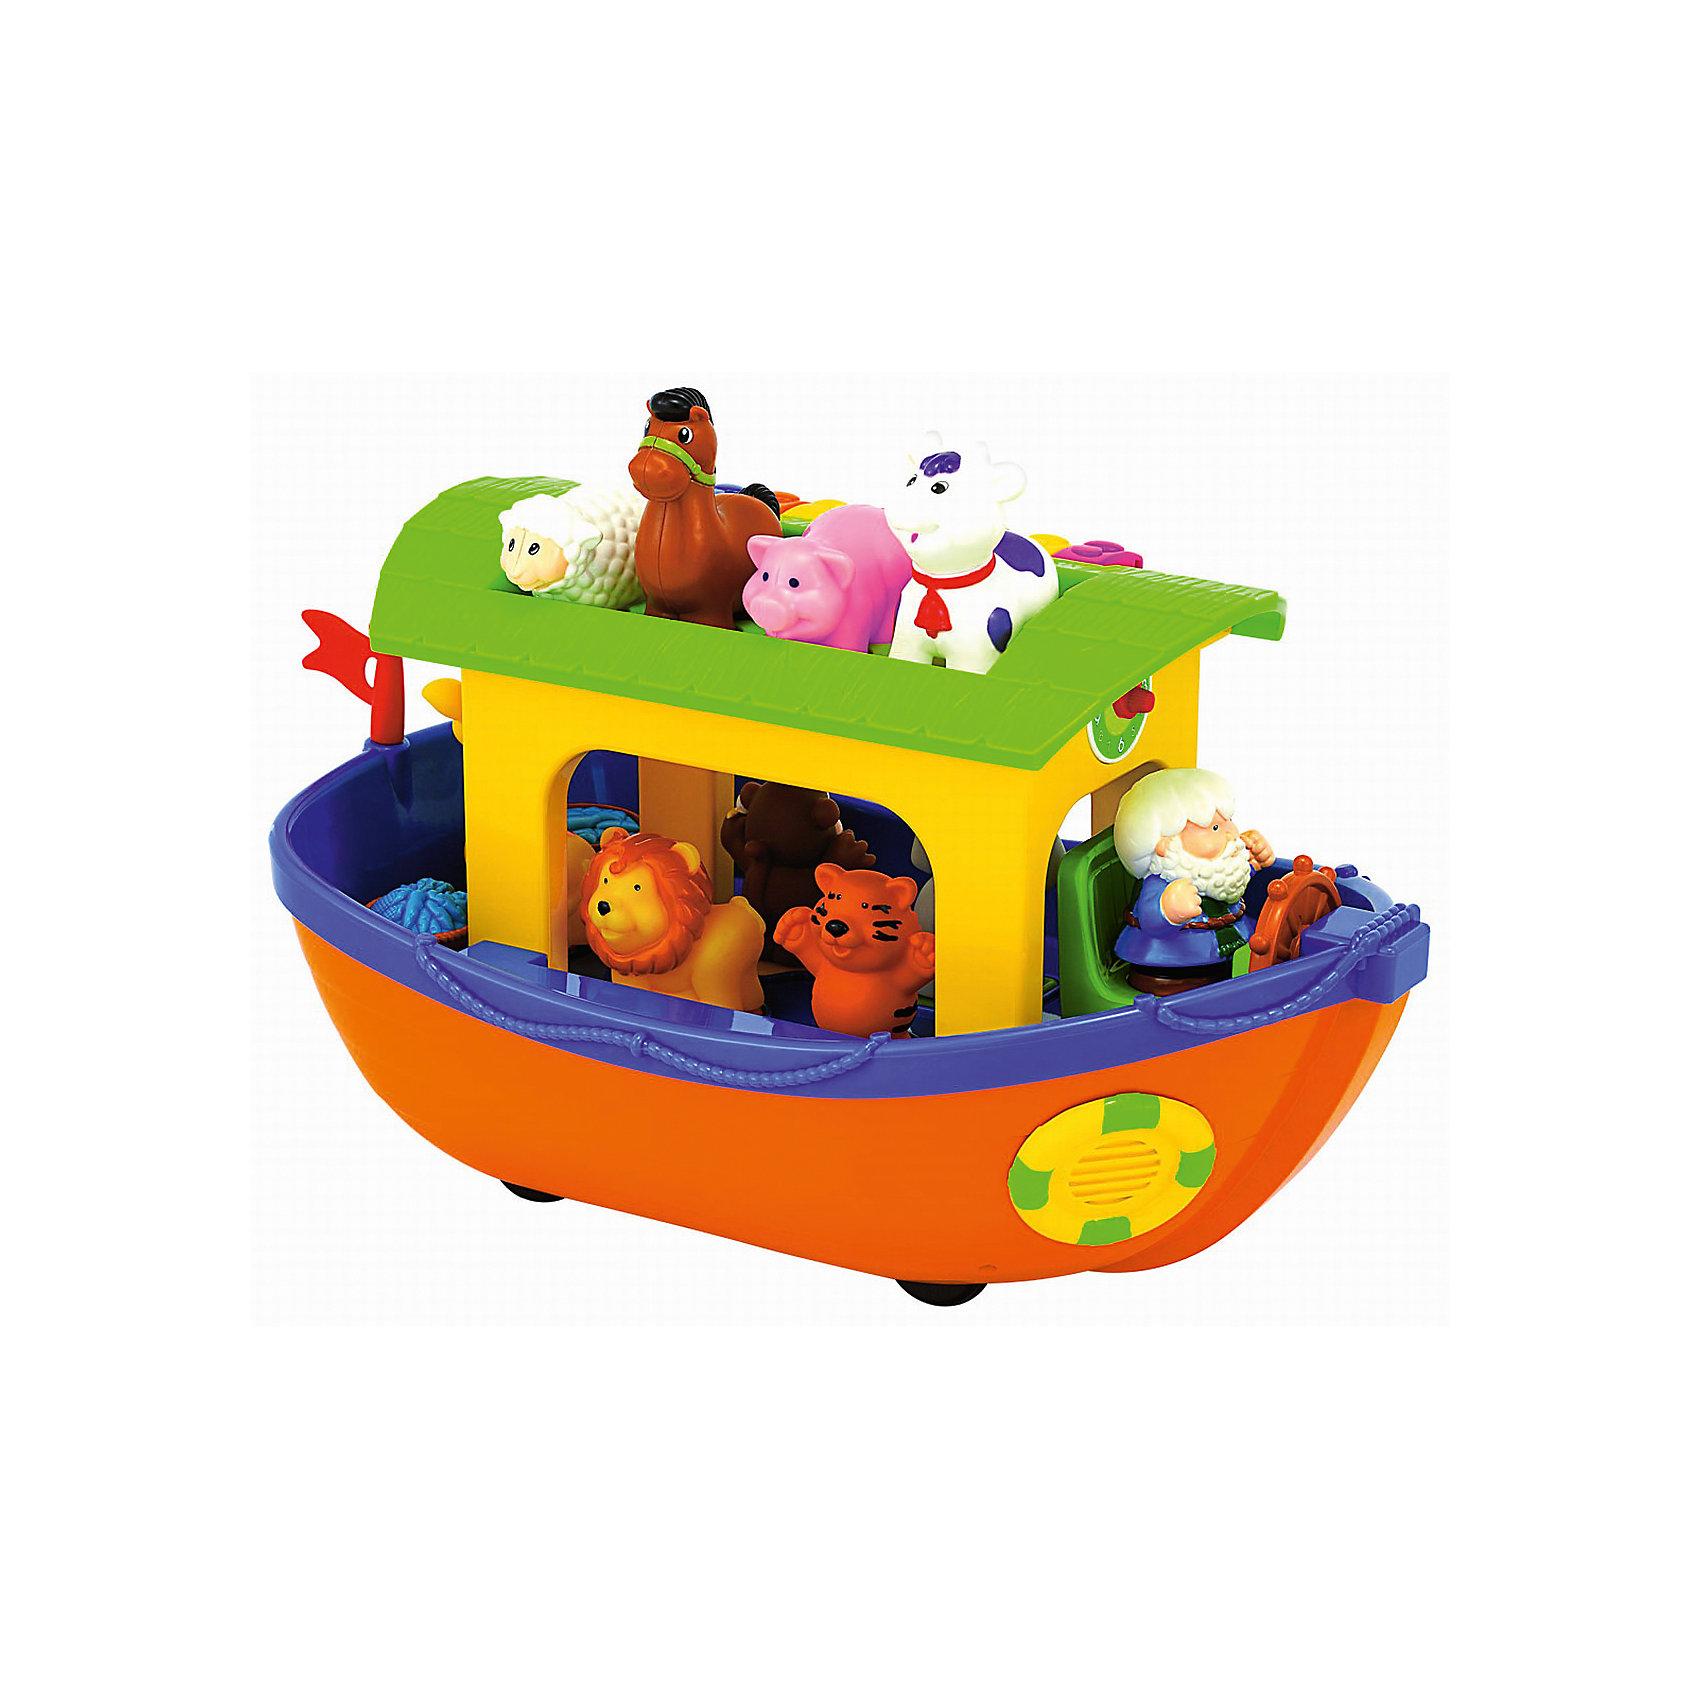 Развивающая игрушка Ноев ковчег, KiddielandРазвивающие игрушки<br>Развивающая игрушка Ноев ковчег, Kiddieland<br><br>Характеристики:<br>- В набор входит: ковчег, Ной, животные 9 шт., элементы питания<br>- Материал: пластик<br>- Элементы питания: батарейки АА, 2 шт.<br>- Размер упаковки: 22 * 41 * 21 см.<br>- Вес: 1,7 кг.<br>Развивающая игрушка в виде ковчега с животными от известного китайского бренда игрушек для детей Kiddieland (Киддилэнд) будет прекрасным подарком для ребенка. Оснащенный звуками и песенками он приведет малыша в восторг! Девять животных на корабле, верхний этаж предназначен для домашних животных, а нижний для зверей джунглей. У каждой зверушки свое место, согласно цветным формам-подставкам (квадрат, кружок, треугольник, сердечко, звездочка), а если нажать на одного из них, то можно узнать как это животное разговаривает. Часы на корме корабля помогут малышу понять что такое время, а клавиши на крыше – это пианино, с которым будет очень интересно играть. Ковчег имеет колесики и передвигается слегка покачиваясь из стороны в сторону. Изготовленная из пластика высокого качества, разноцветная игрушка способствует развитию памяти, воображения, восприятия цвета и звука, социальных навыков, моторики рук.<br>Развивающую игрушку Ноев ковчег, Kiddieland  (Киддилэнд) можно купить в нашем интернет-магазине.<br>Подробнее:<br>• Для детей в возрасте: от 1 до 3 лет<br>• Номер товара: 5054078<br>Страна производитель: Китай<br><br>Ширина мм: 410<br>Глубина мм: 200<br>Высота мм: 200<br>Вес г: 1500<br>Возраст от месяцев: 12<br>Возраст до месяцев: 36<br>Пол: Унисекс<br>Возраст: Детский<br>SKU: 5054078